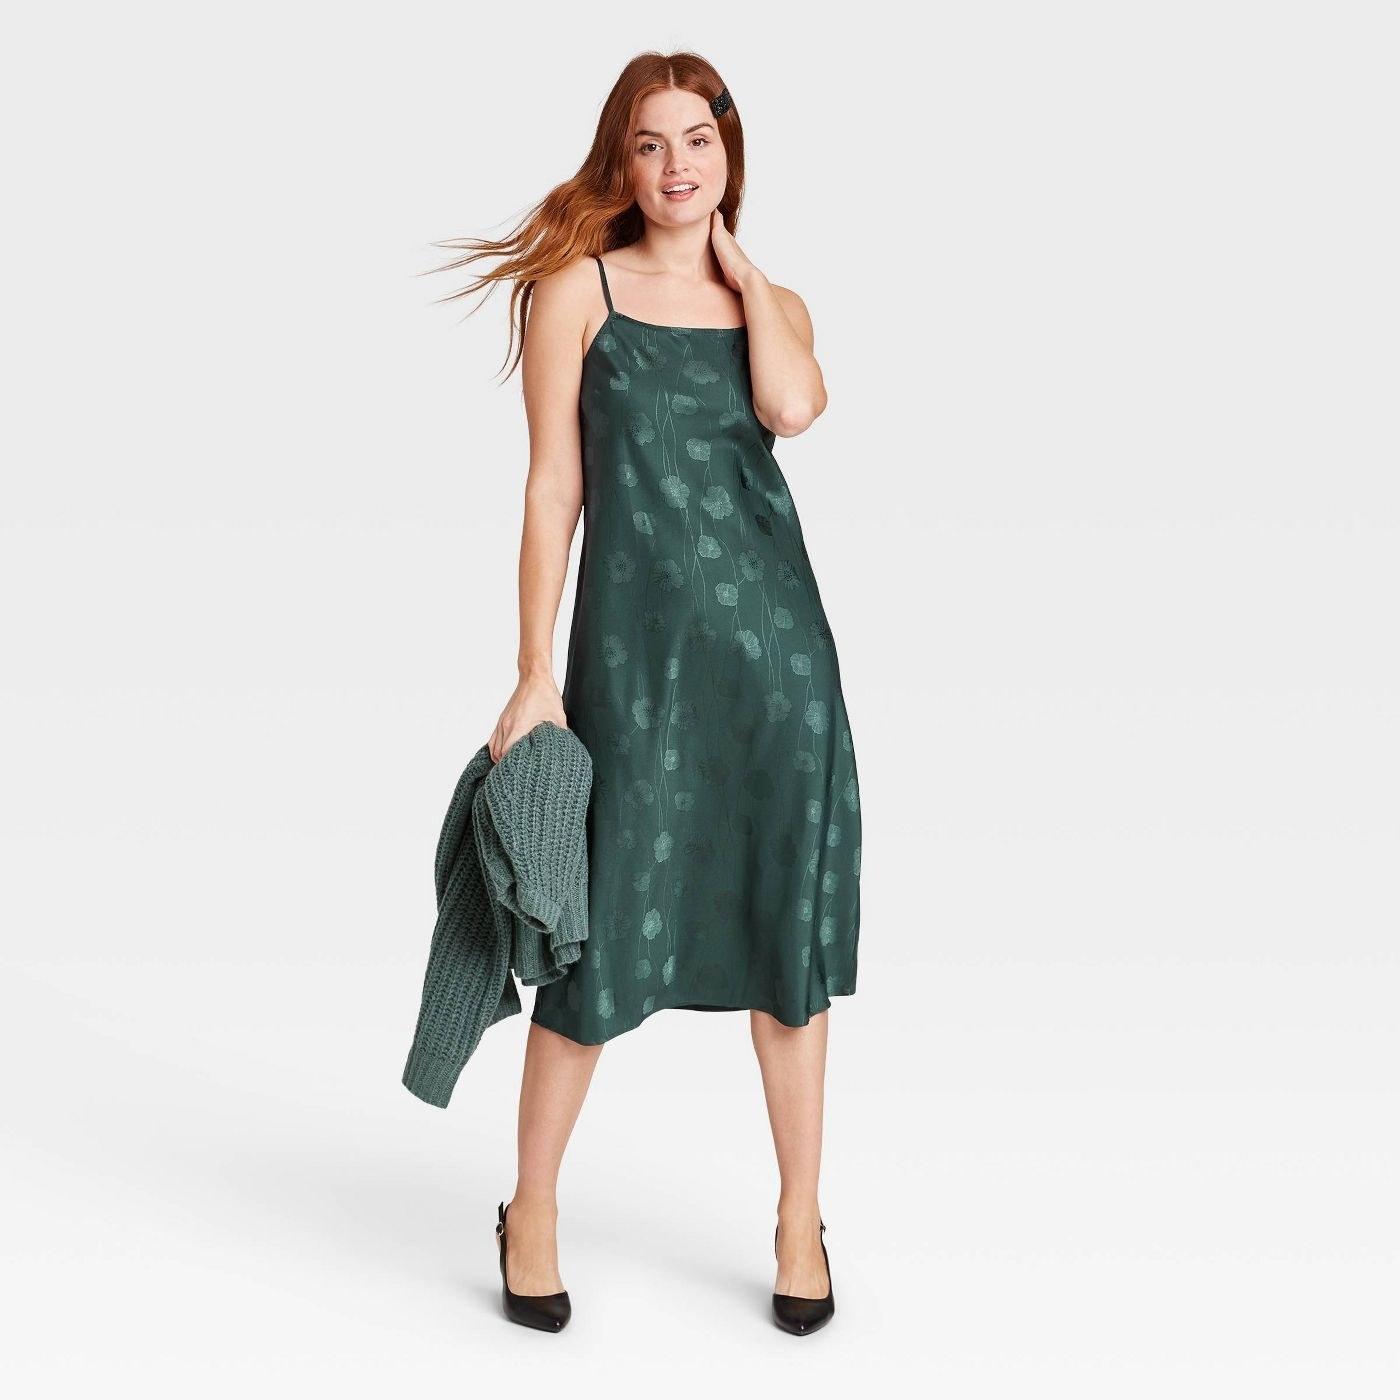 Model wearing  green slip dress